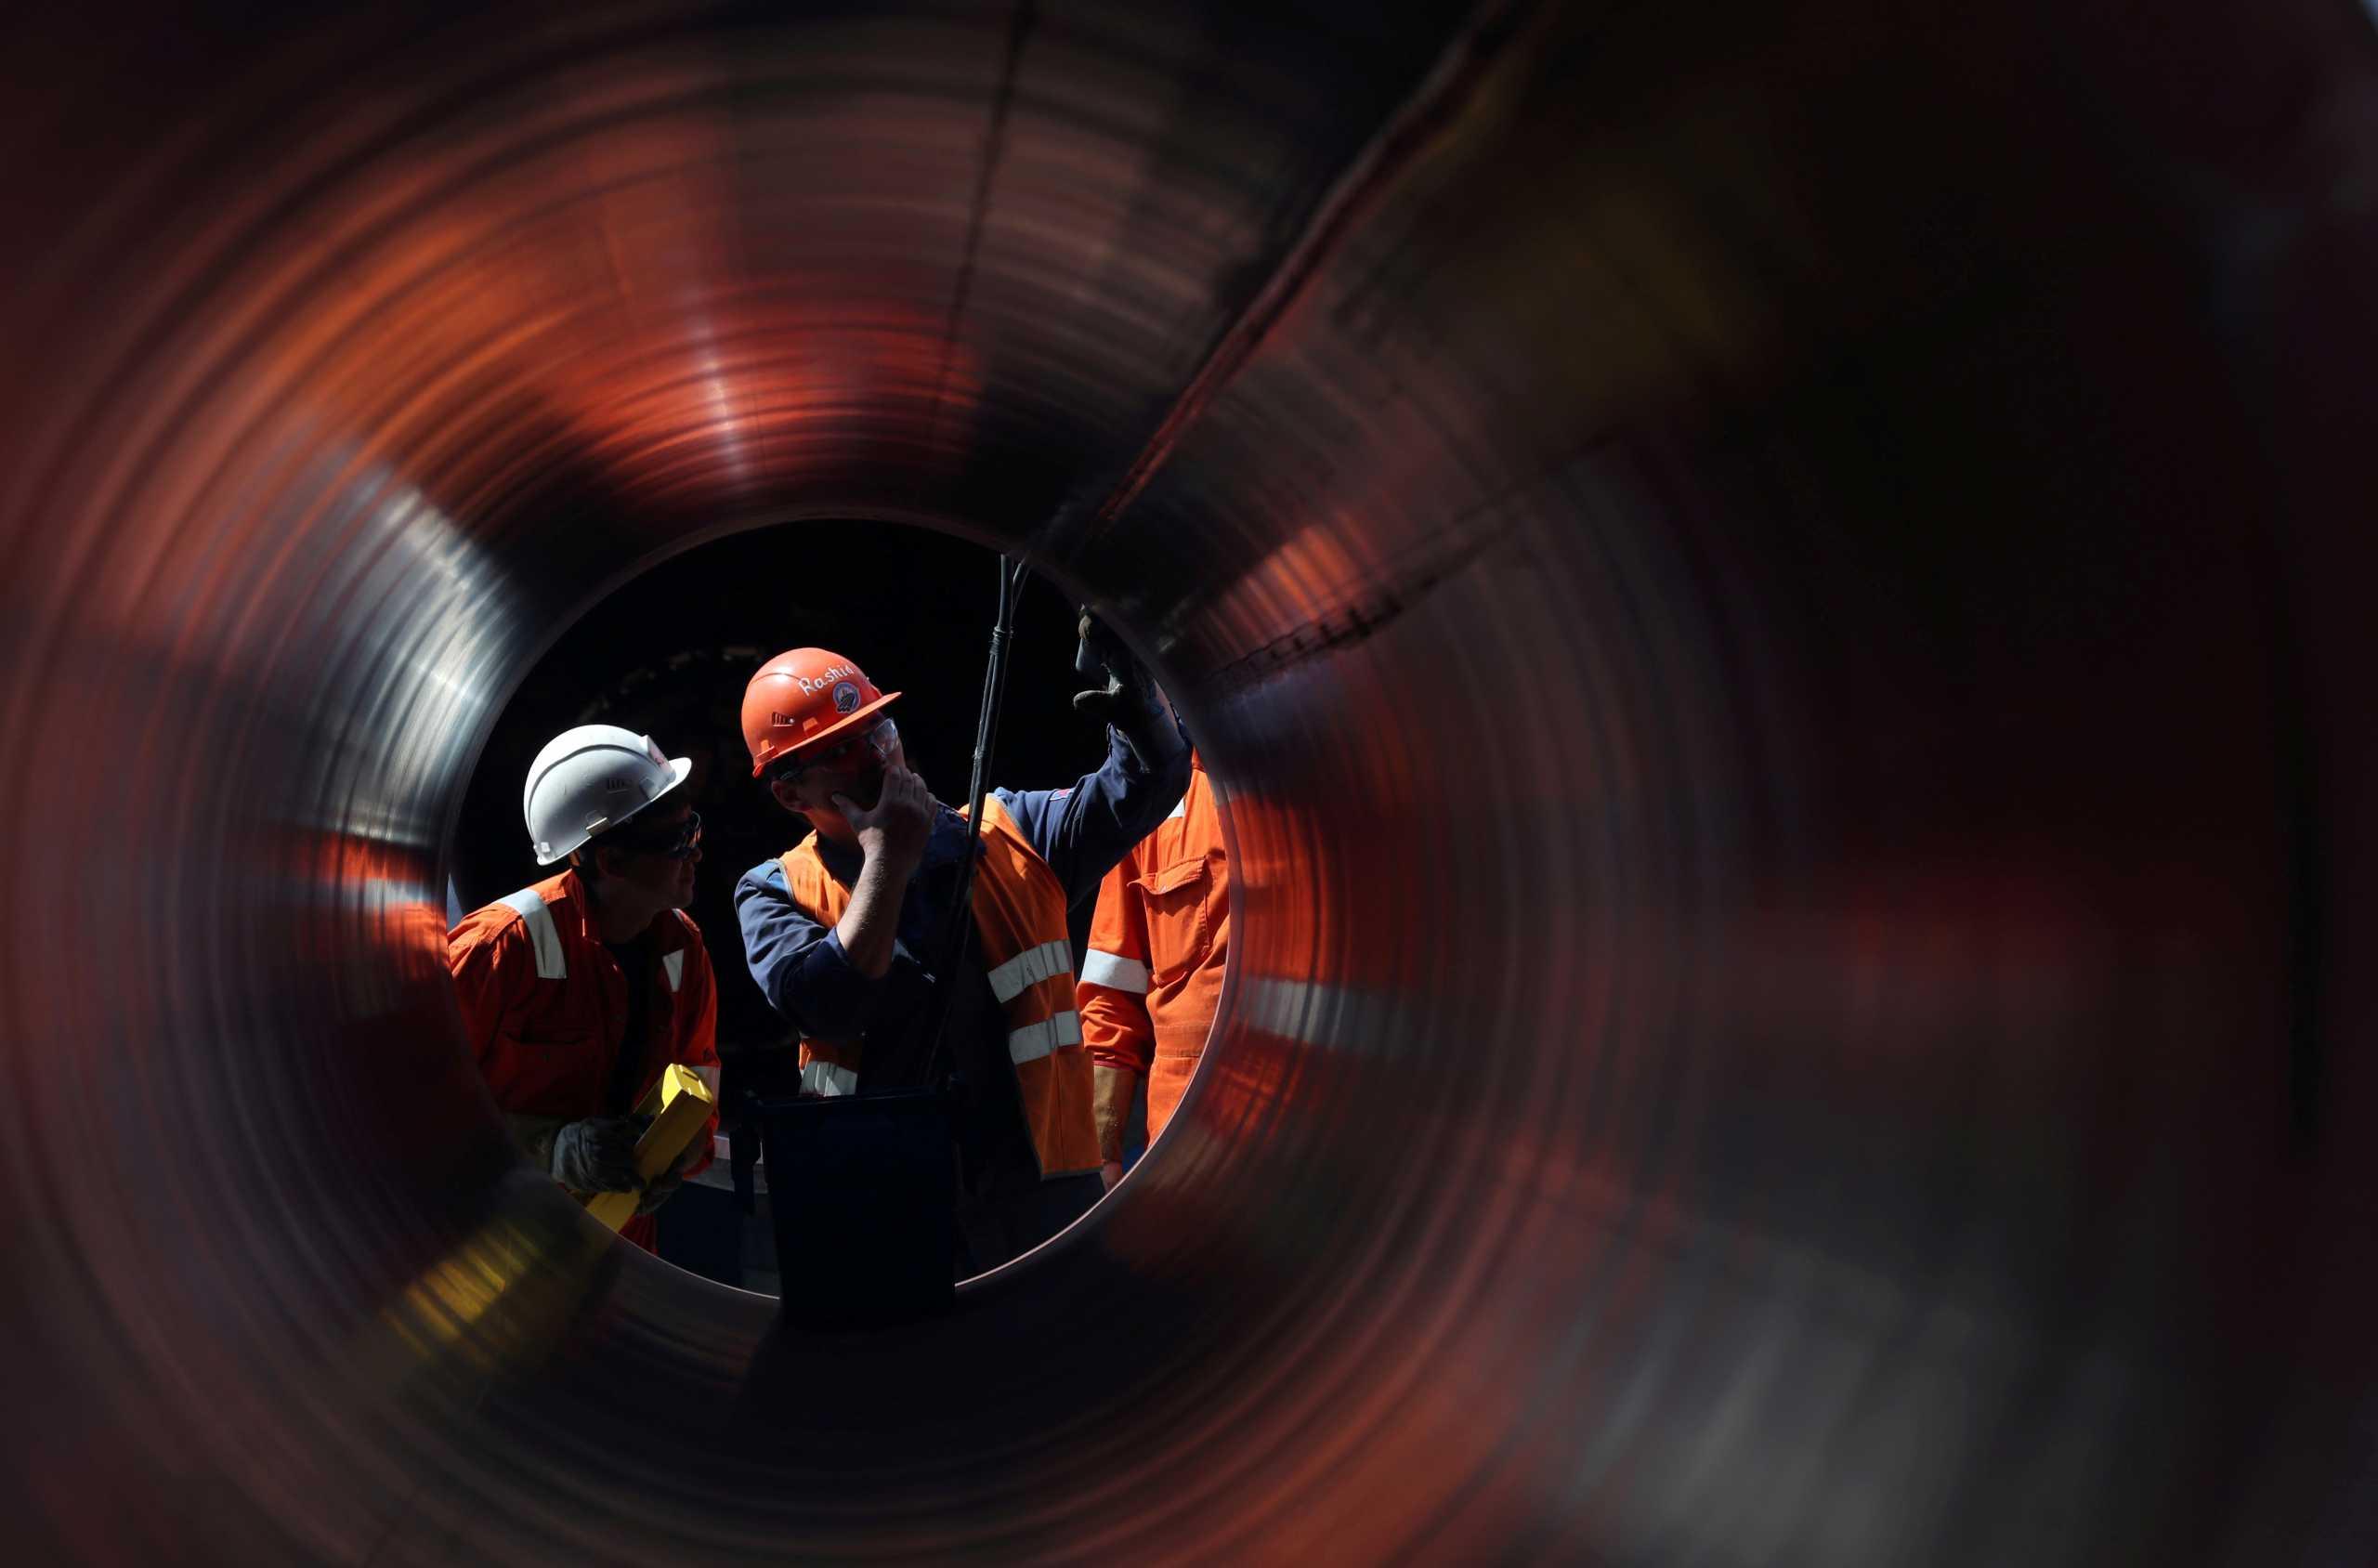 Η δανέζικη εταιρεία Ramboll αποσύρθηκε από την κατασκευή του αγωγού φυσικού αερίου Nord Stream-2